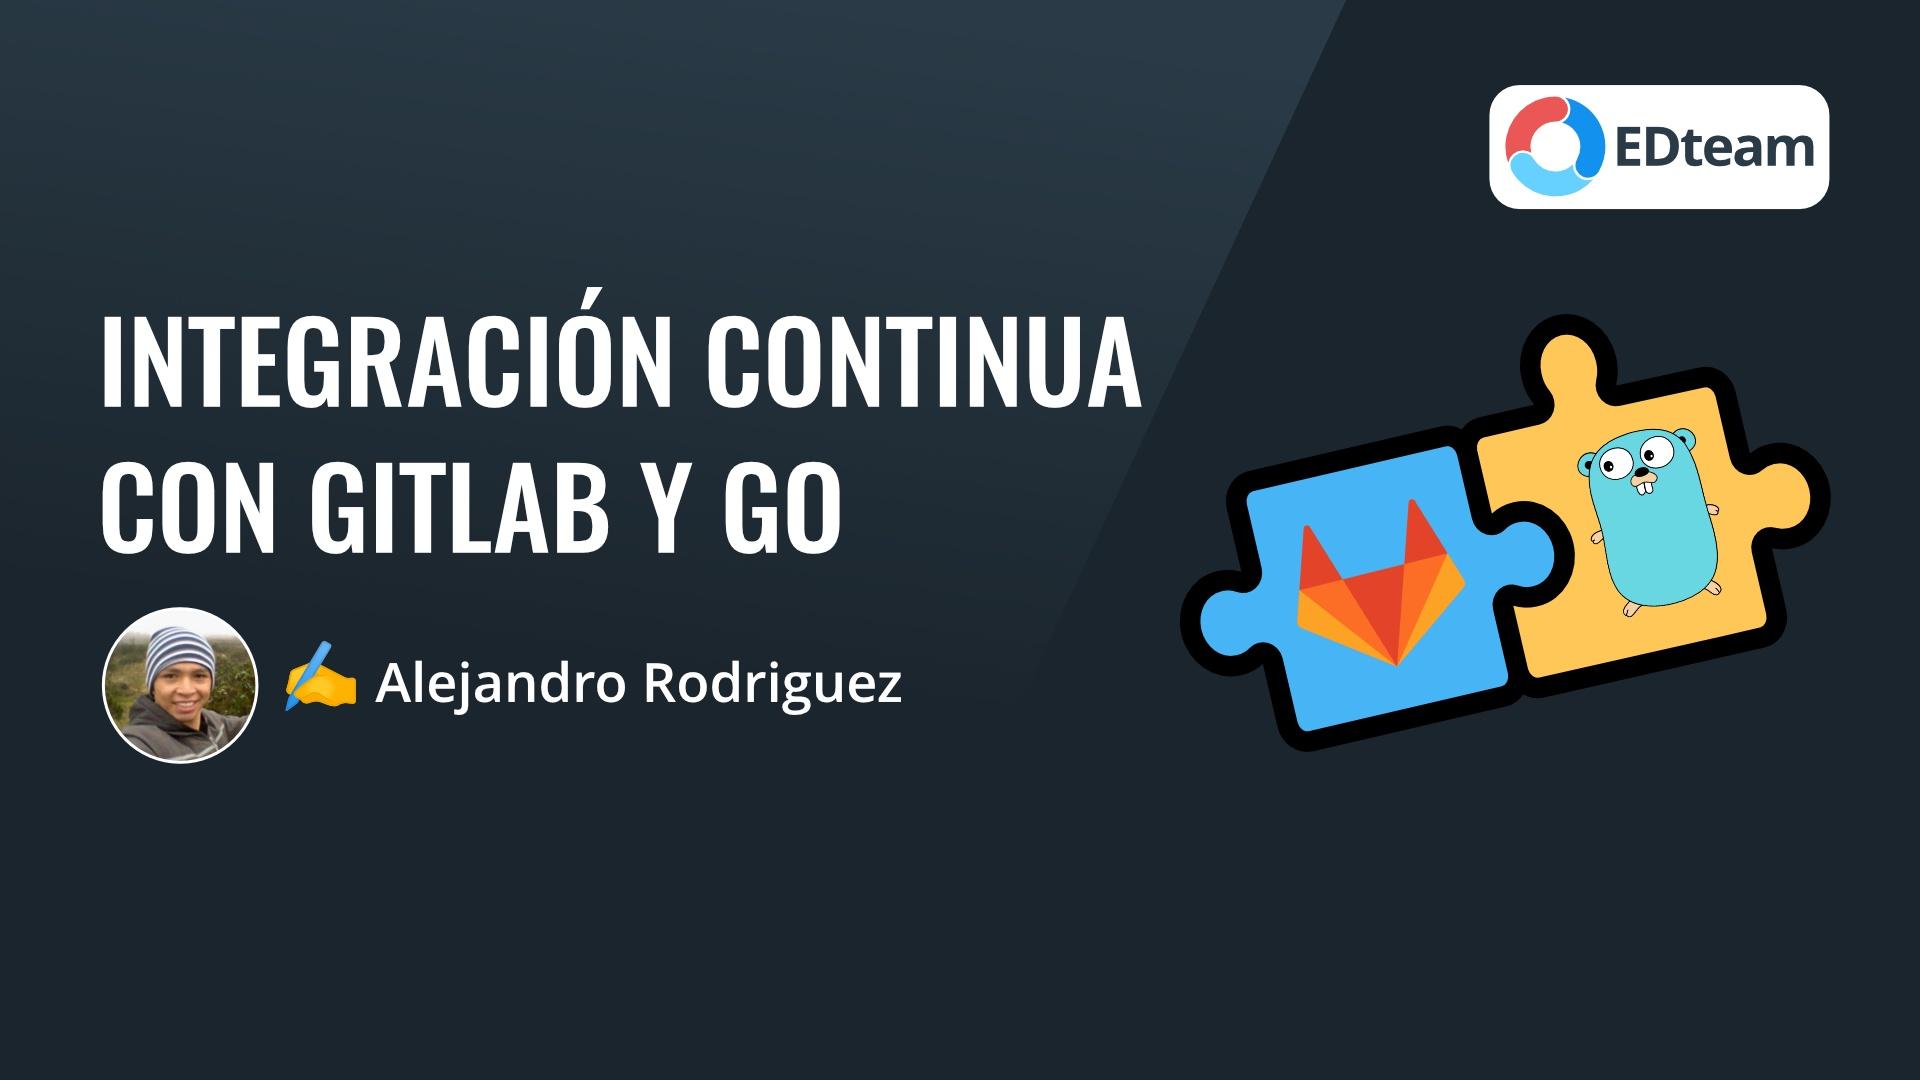 Integración continua con GitLab y Go